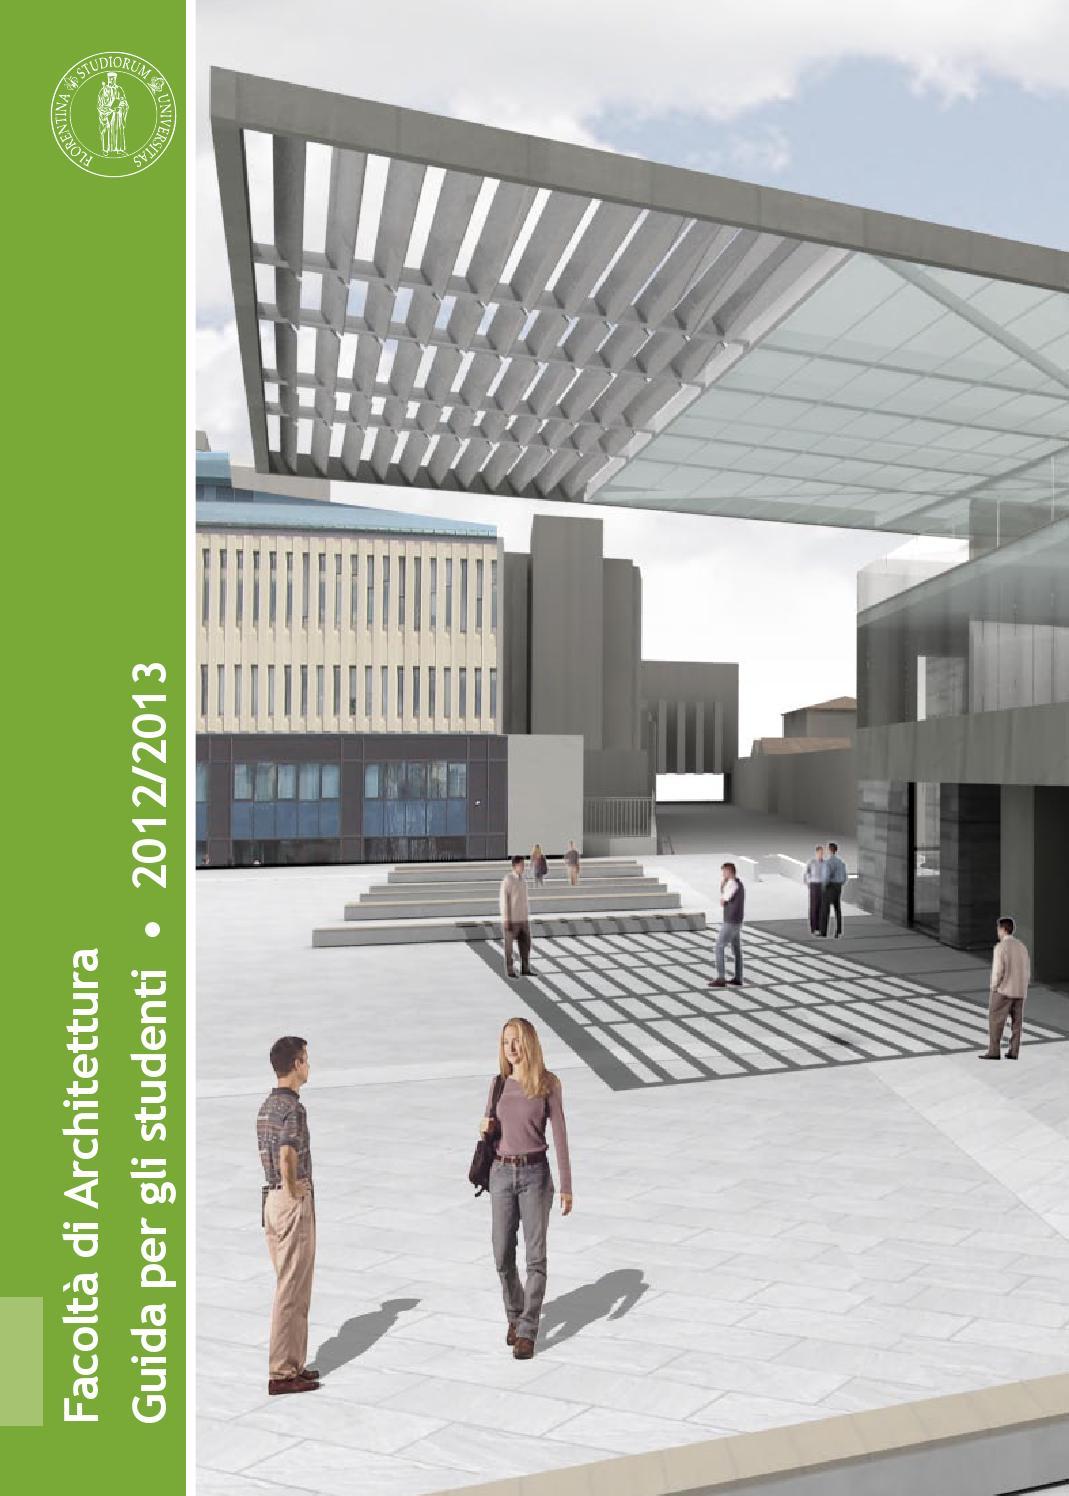 Calendario Tesi Unifi Architettura.Guida Dello Studente 2012 2013 By Dida Issuu